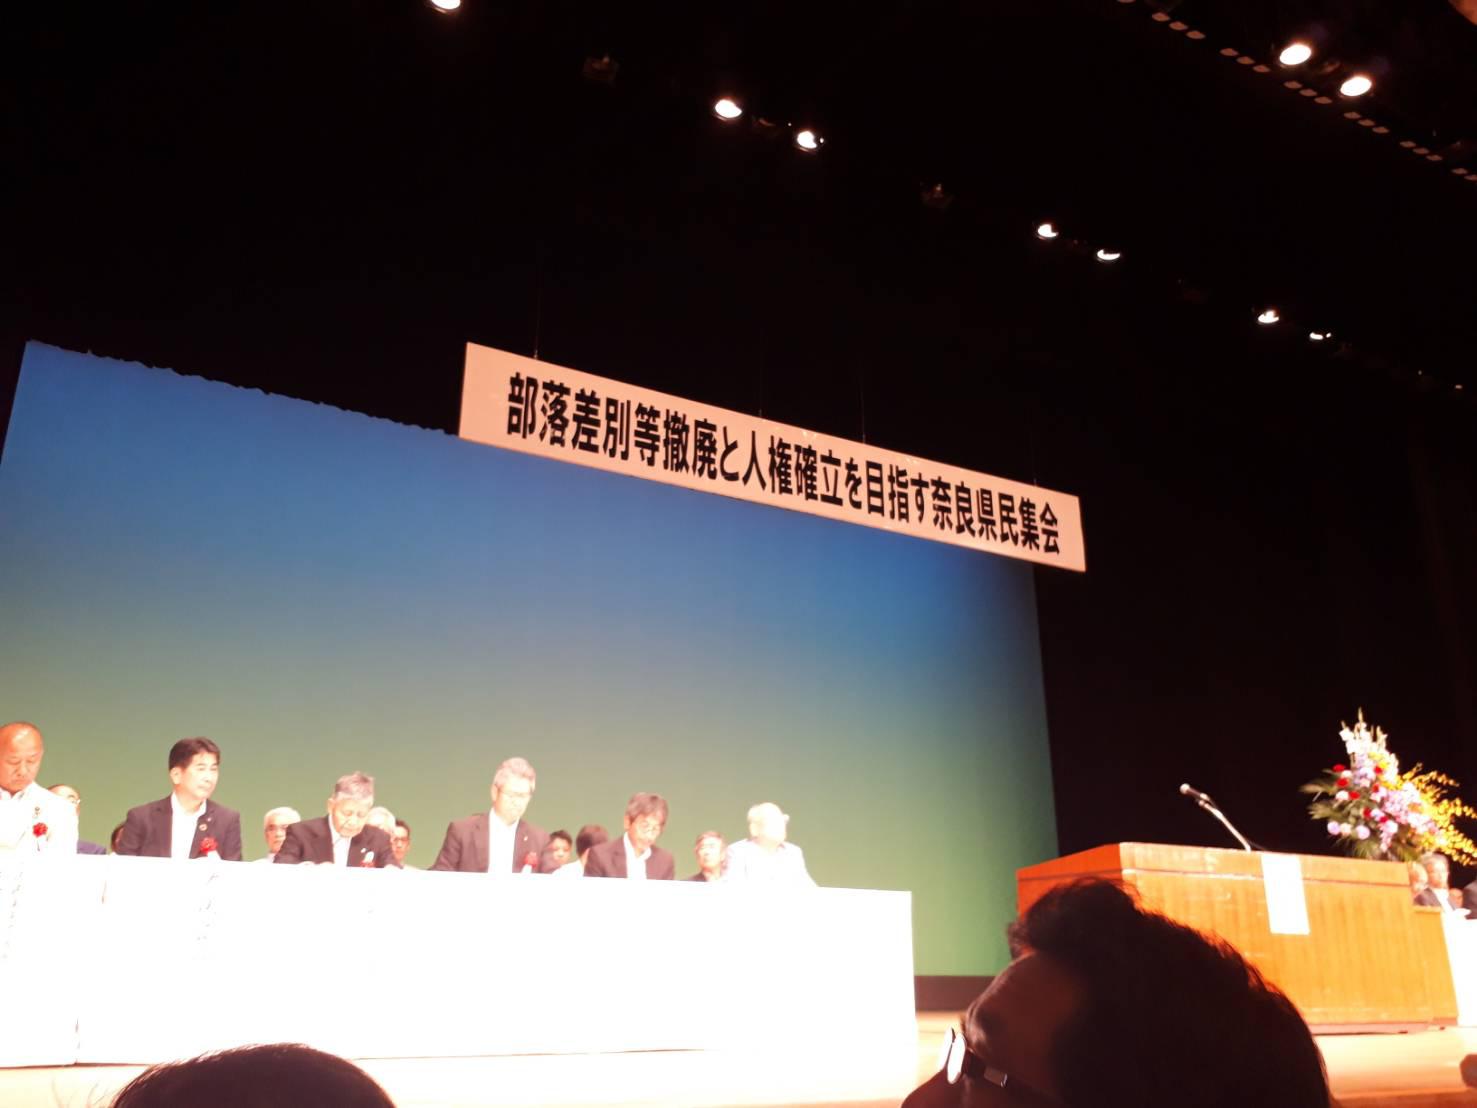 部落差別等撤廃と人権確立を目指す奈良県民集会@橿原文化会館